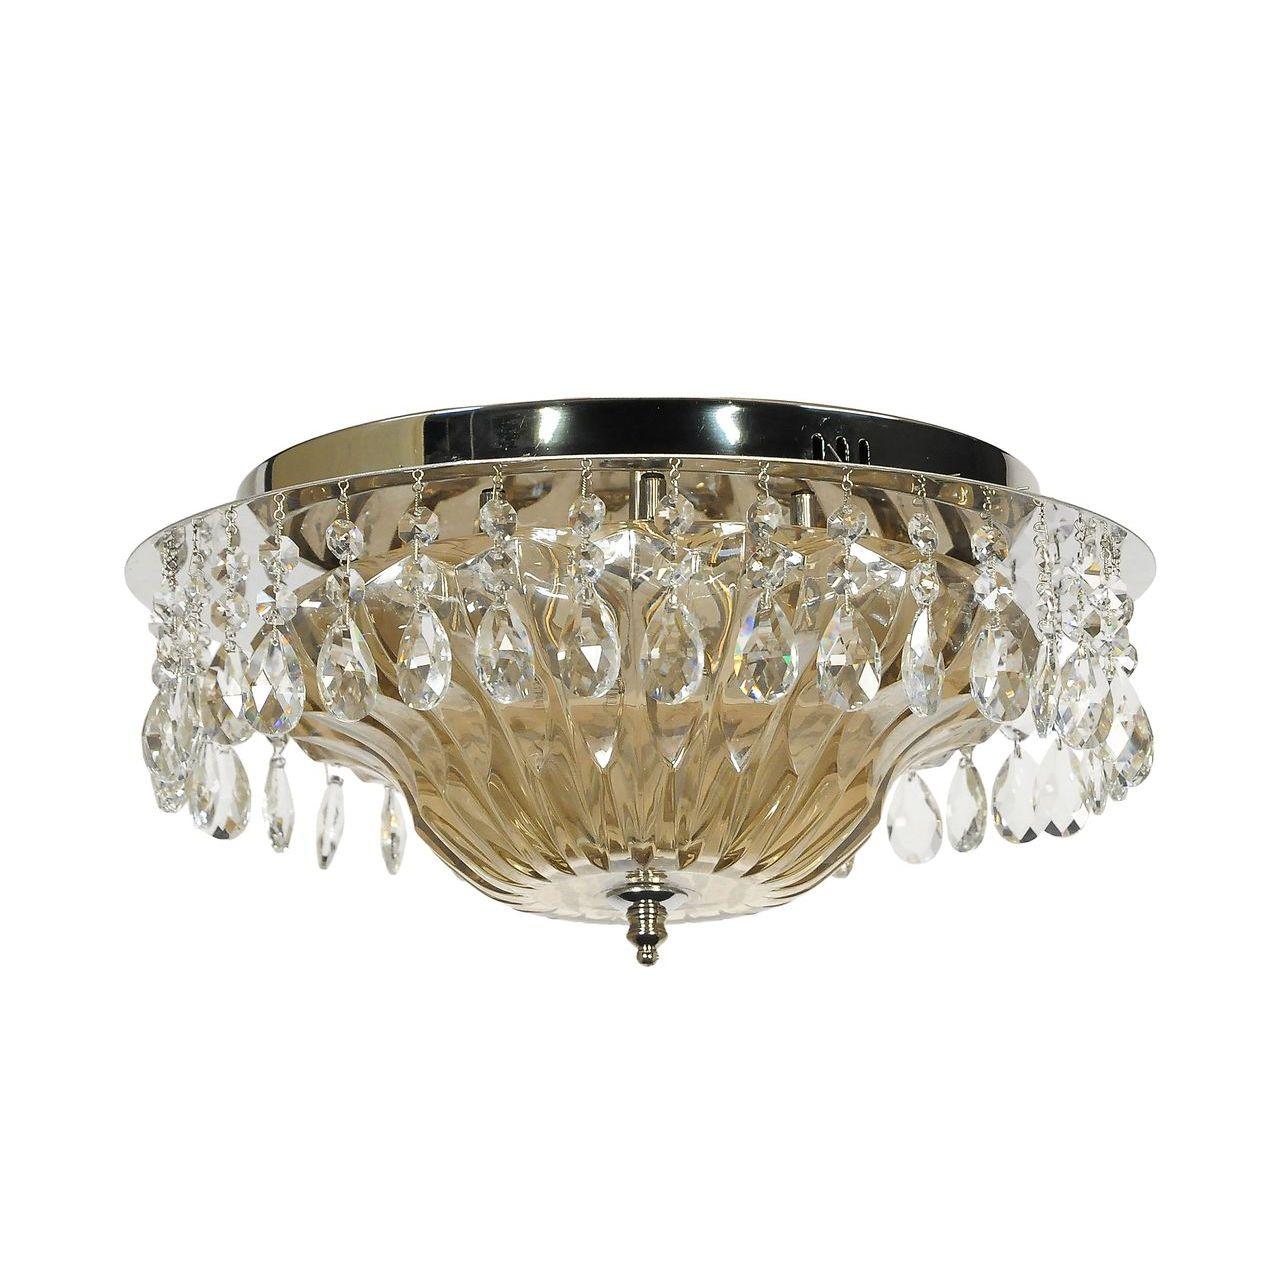 Потолочный светильник Lucia Tucci Eva 1634.8 Silver потолочный светодиодный светильник lucia tucci grappolo 1801 6 silver